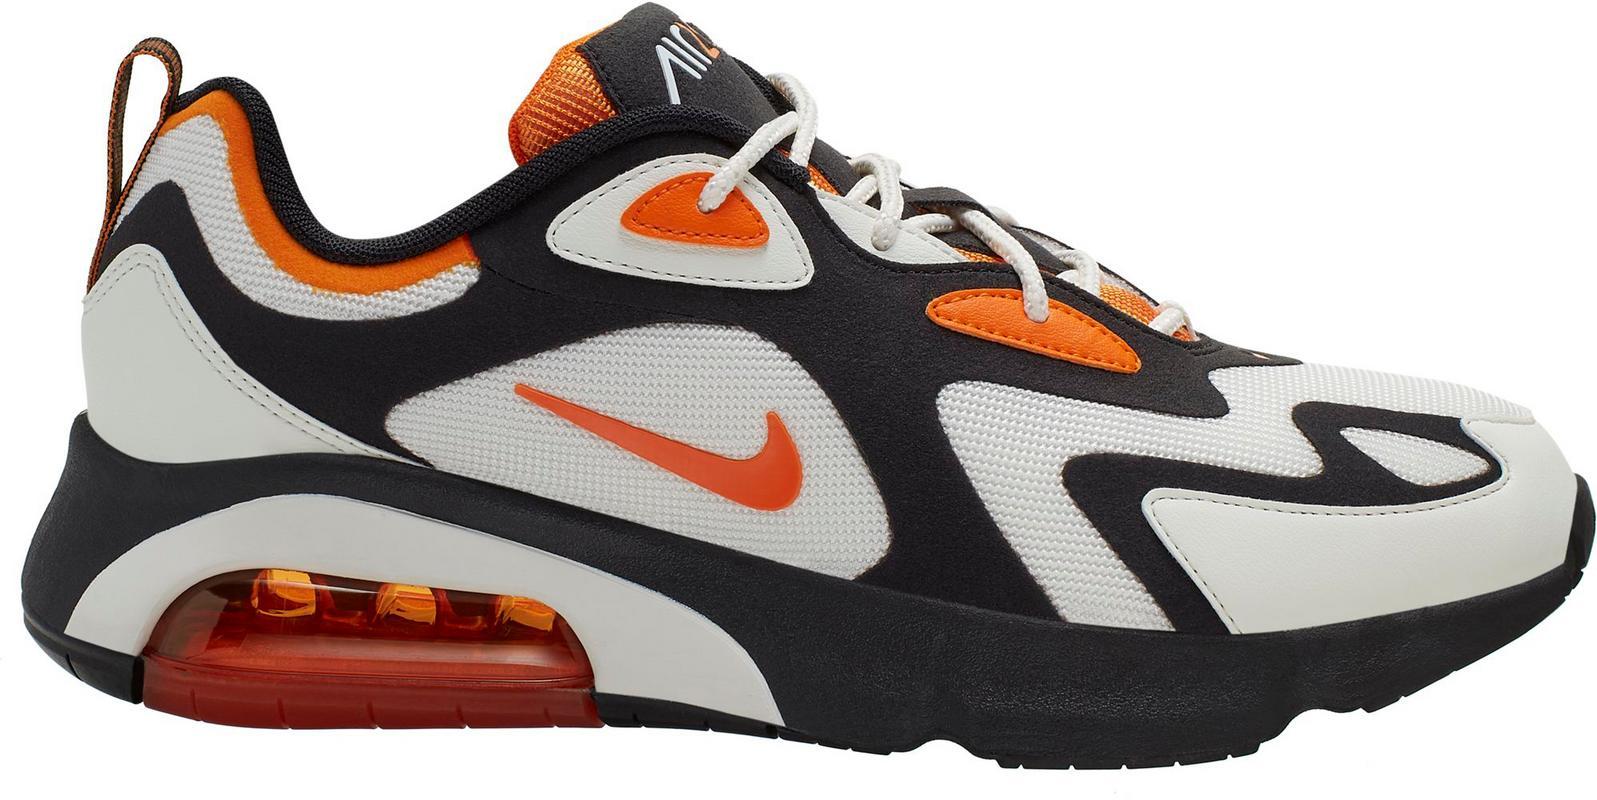 Artikel klicken und genauer betrachten! - Nike AIR MAX 200. Sneakers im modernen Look; atmungsaktives Mesh-Obermaterial mit Synthetik-Overlays; klassische Schnürung; Schaft mit Zuglasche; Textilfutter; Cushlon-Schaumstoff gewährleistet eine weiche Dämpfung; zusätzliche Dämpfung durch das seitlich sichtbare Max Air-Element; Fersen- und Zehenbereich verstärkt; Gummi-Außensohle mit Flexkerben; Swoosh-Logo.   im Online Shop kaufen